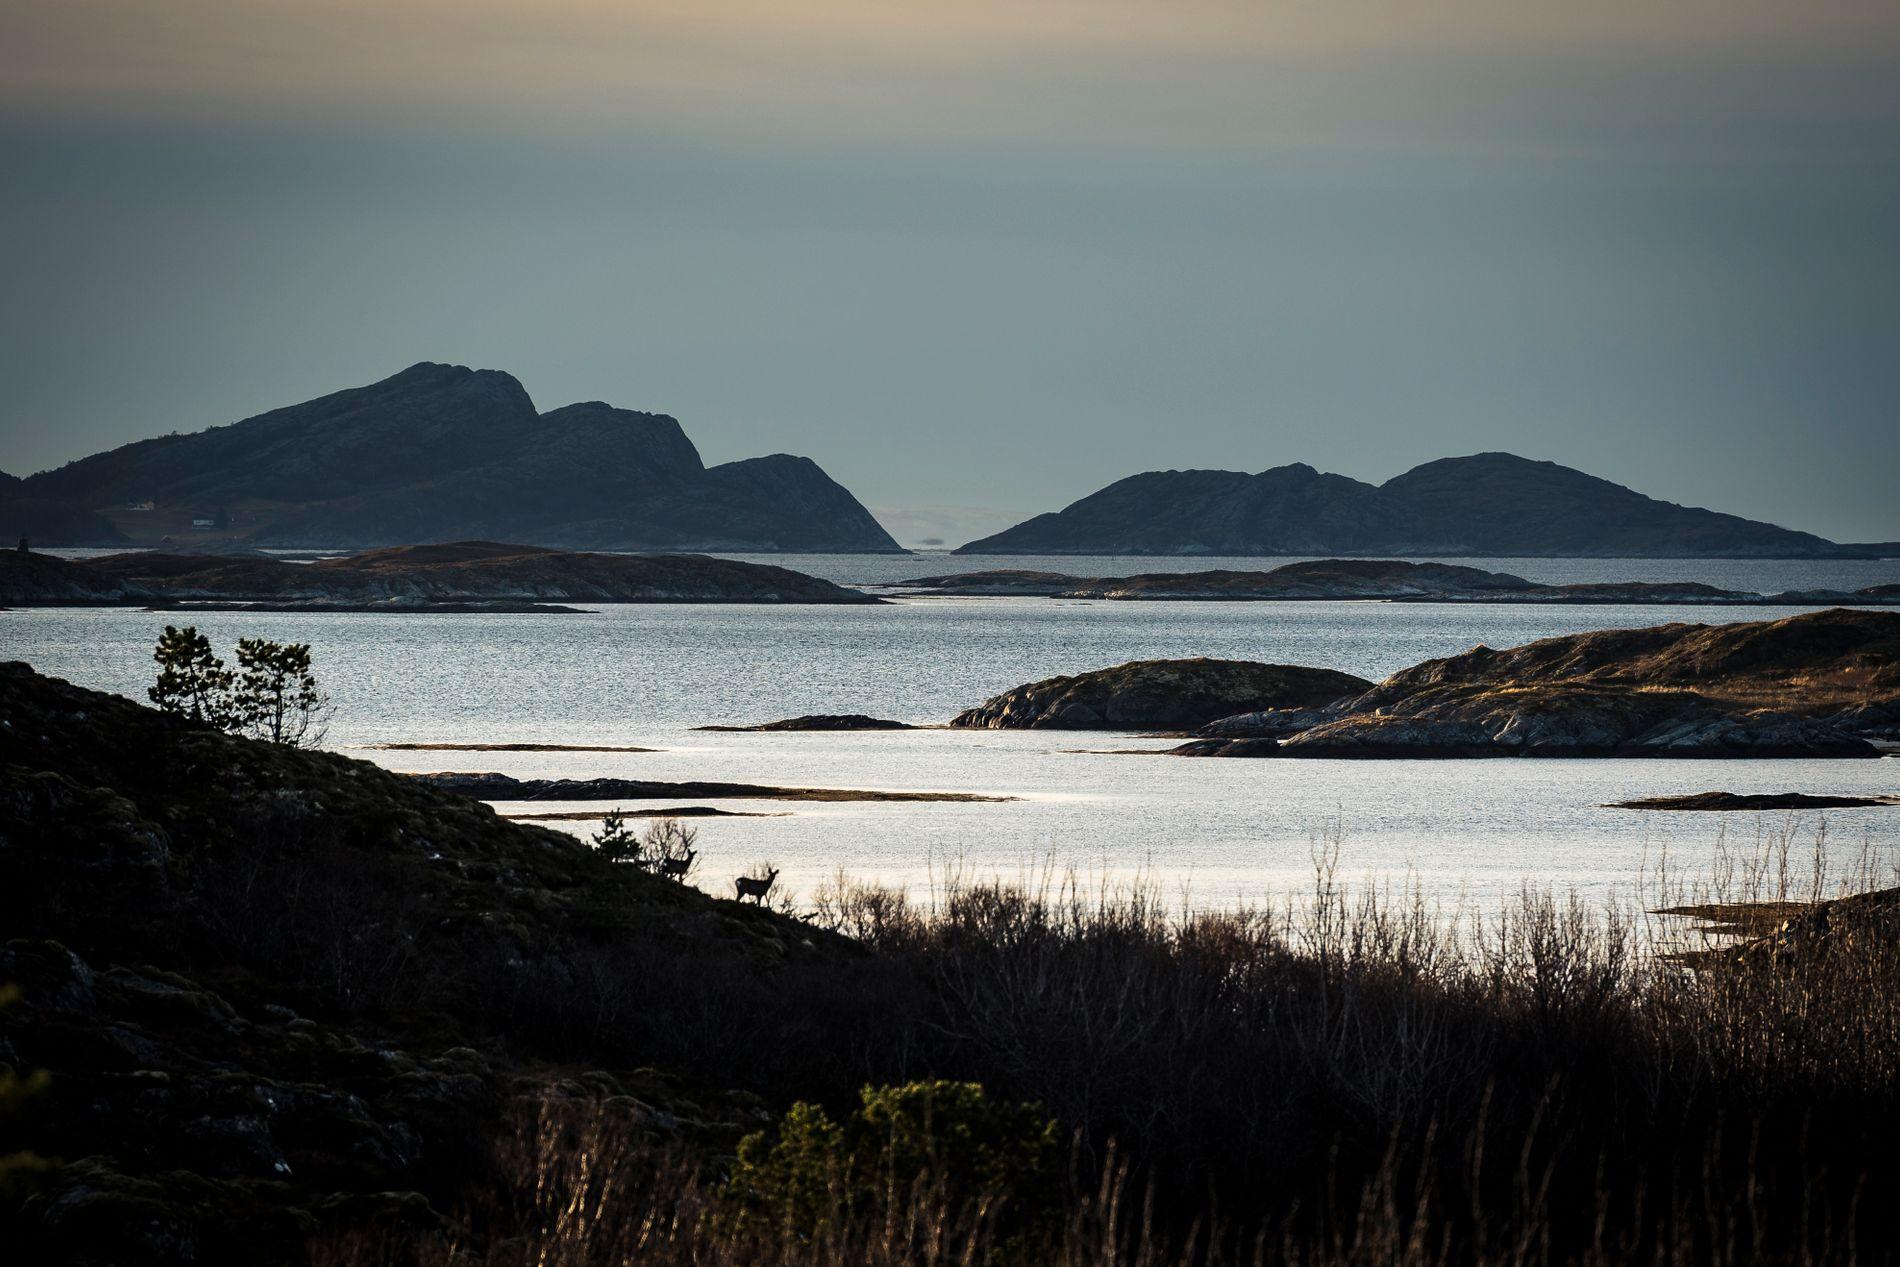 UTSIKT: To rådyr nyter utsikten mot Norskehavet ved Nyheim i Nærøy. Det perfekte stedet for en rådyrbestand å bli stor på.